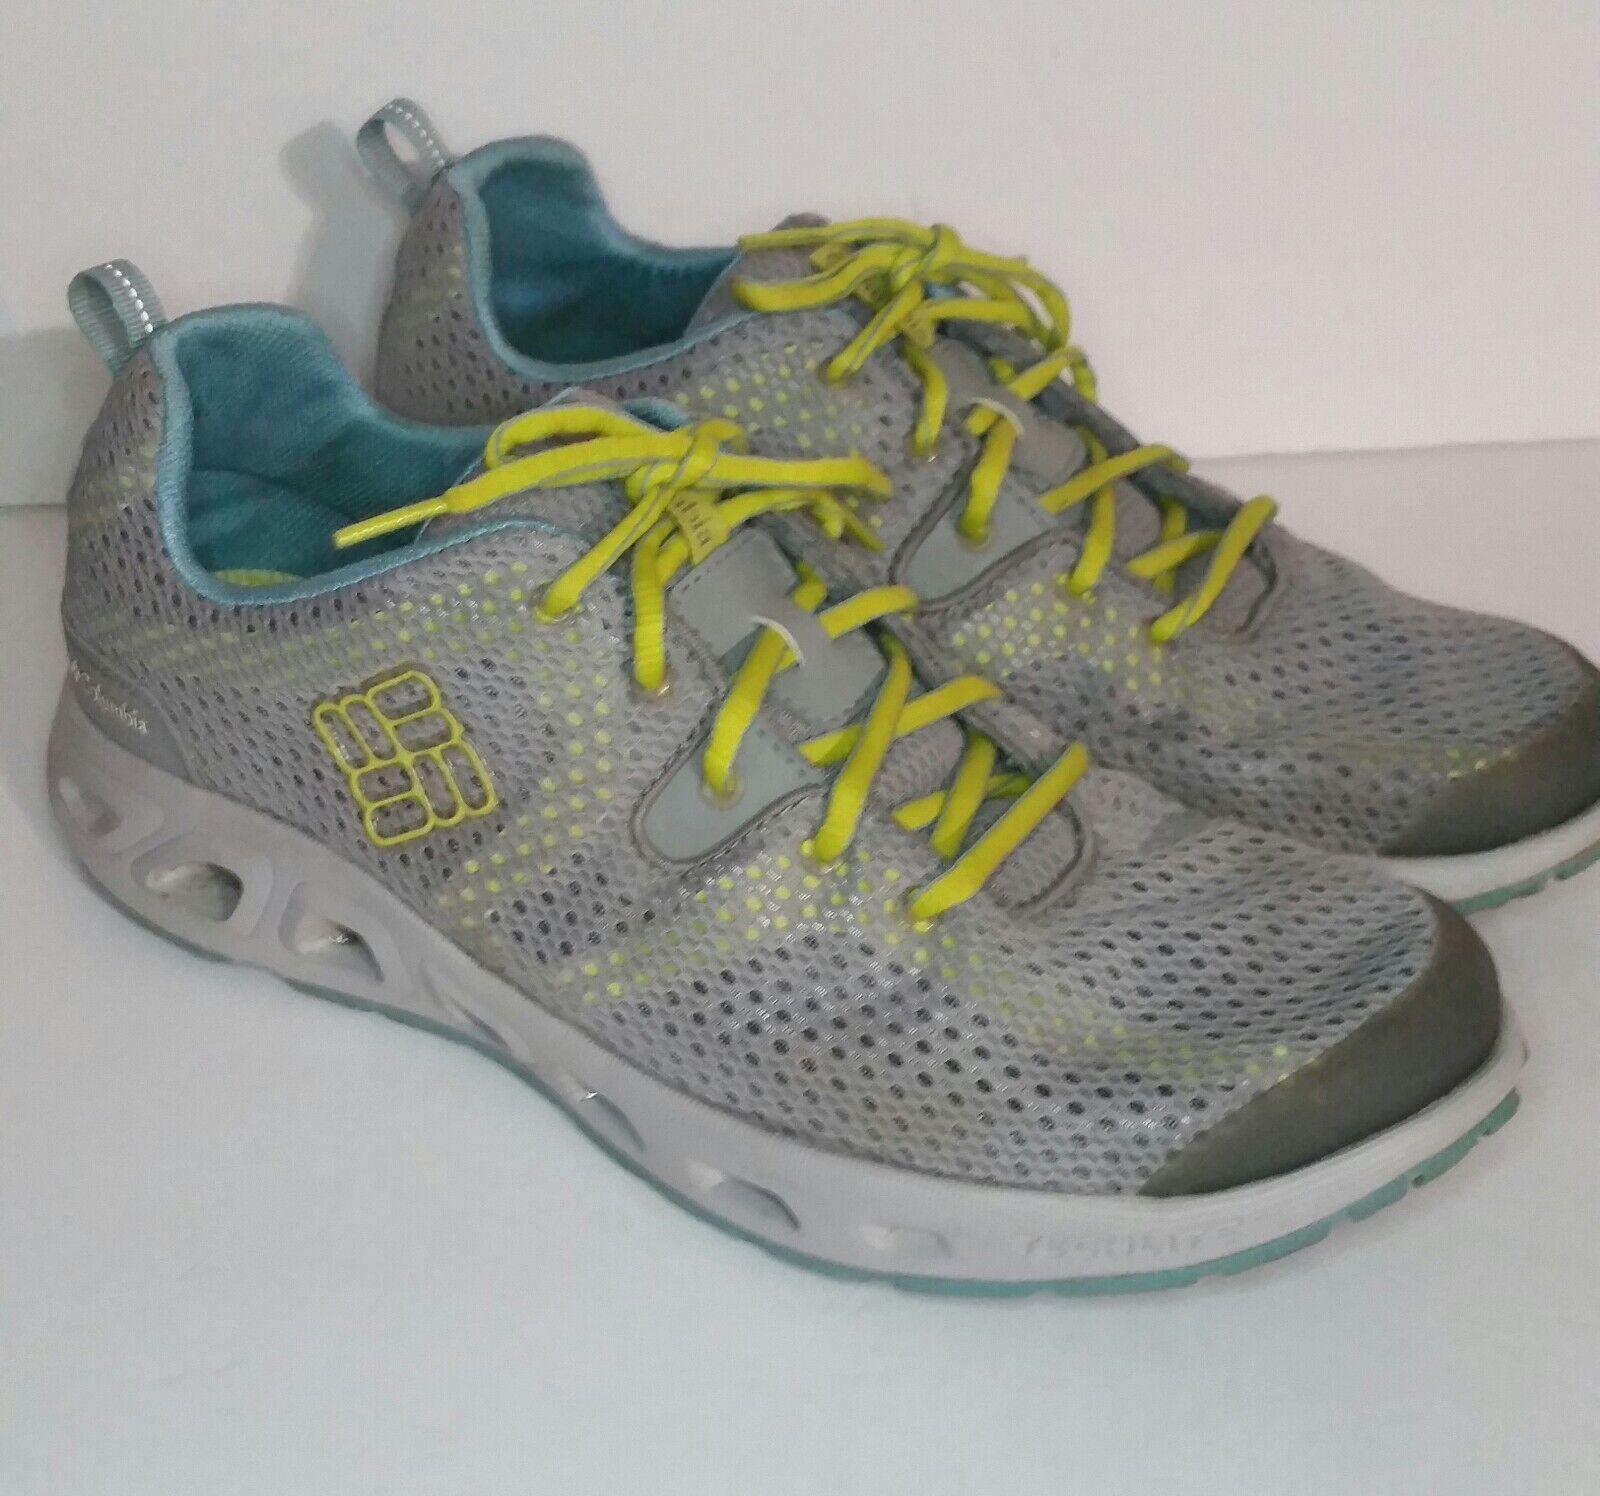 buen precio Columbia Drainmaker Drainmaker Drainmaker II para mujer 12 Trail Running Zapatos TENIS Spartan Usado en excelente condición de agua  100% precio garantizado